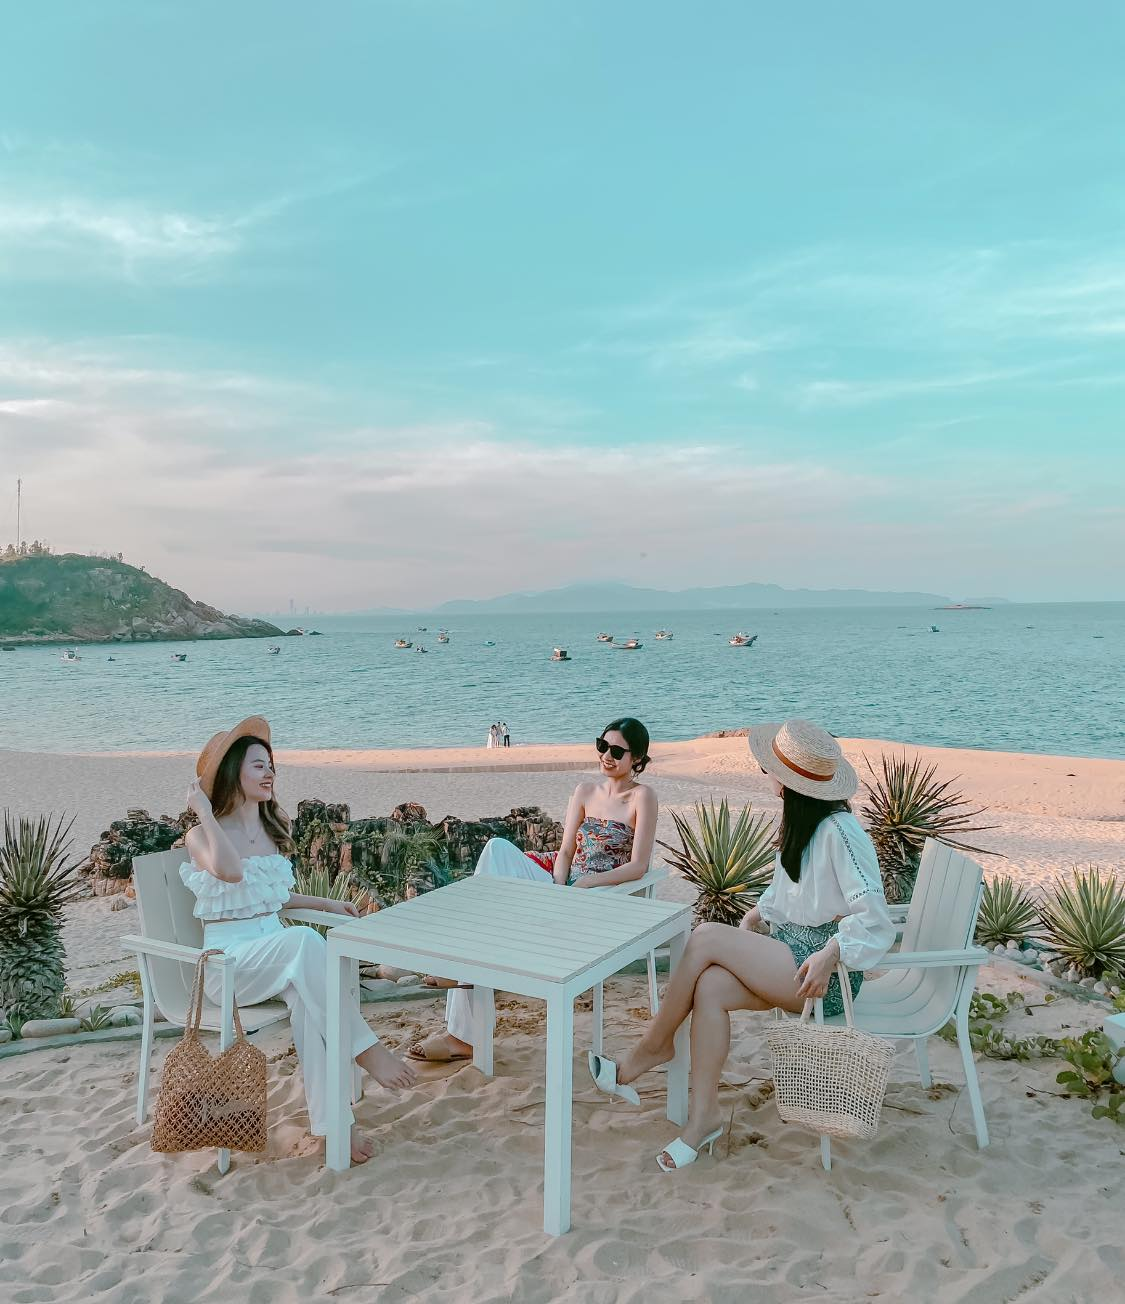 Tour du lịch Quy Nhơn từ Hà Nội: Du ngoạn 'Maldives của Việt Nam' với giá chỉ từ 650.000 đồng - Ảnh 20.